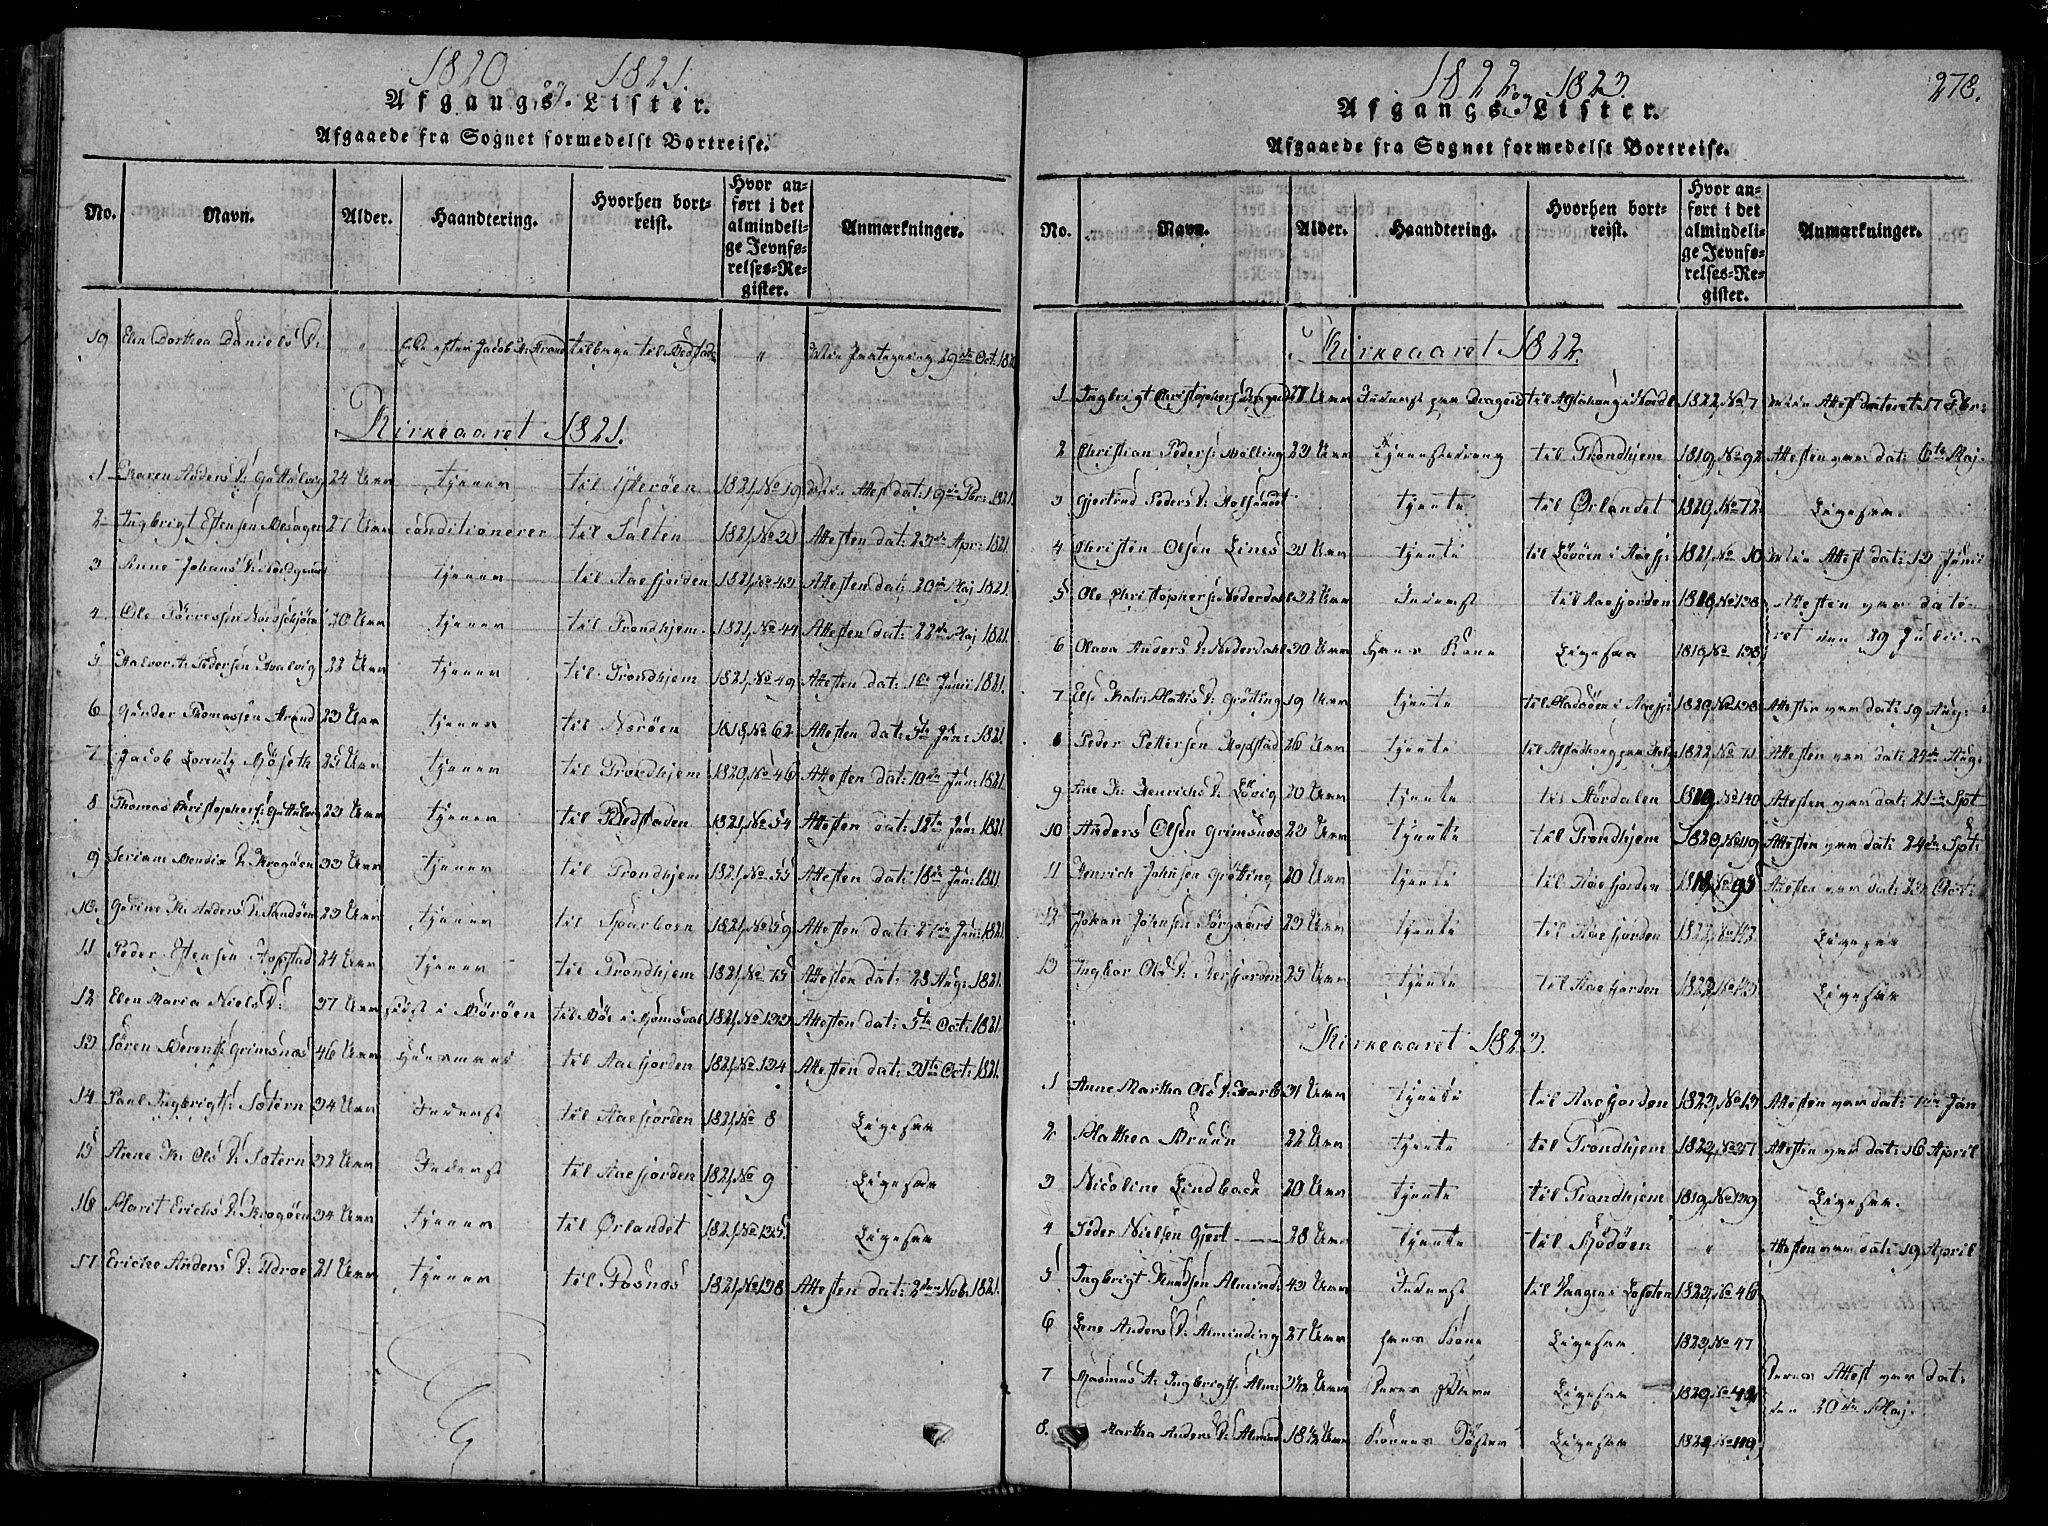 SAT, Ministerialprotokoller, klokkerbøker og fødselsregistre - Sør-Trøndelag, 657/L0702: Ministerialbok nr. 657A03, 1818-1831, s. 278